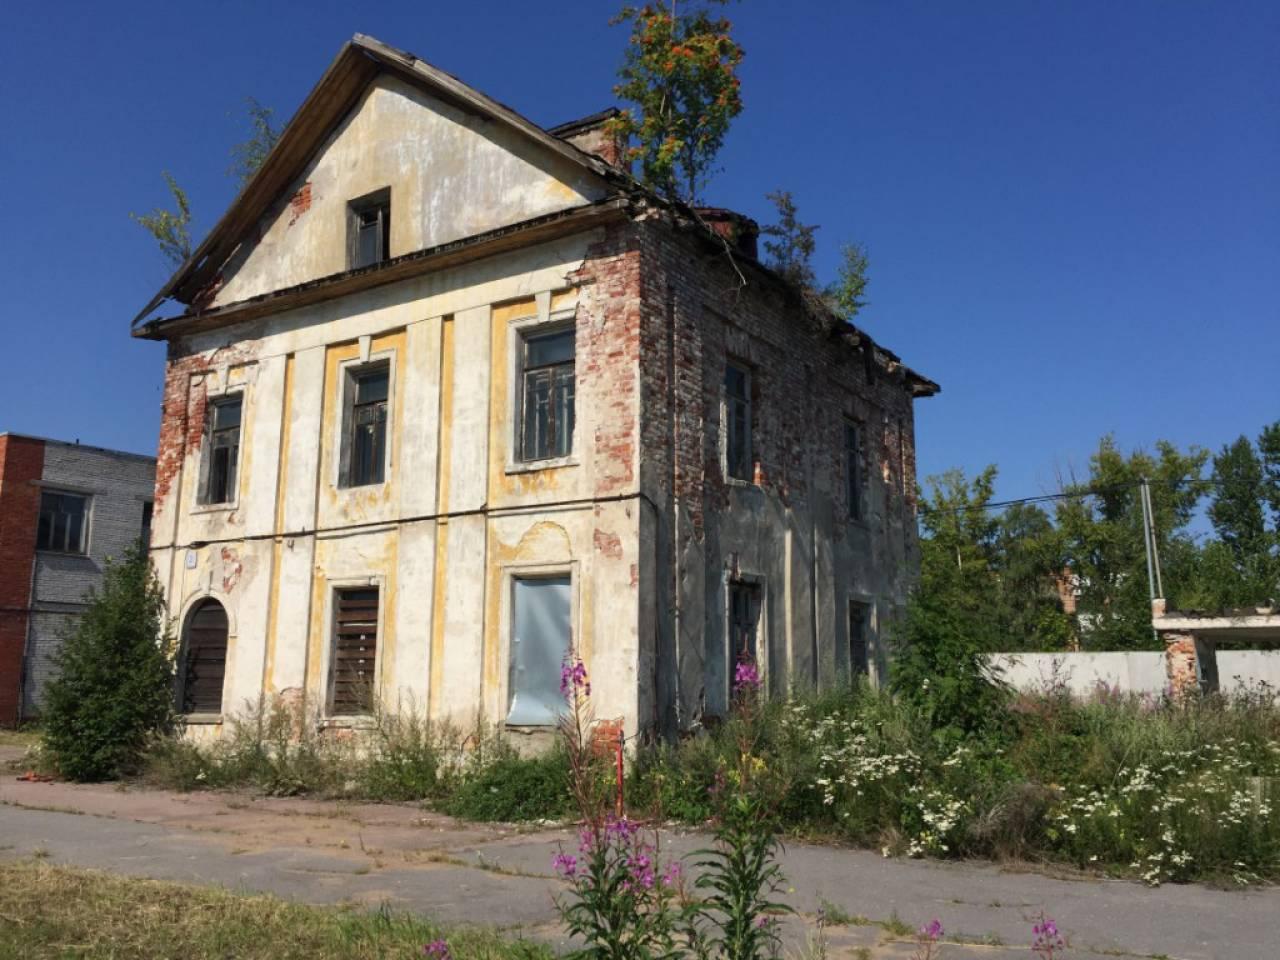 11 марта проданы жилые помещения в доме на наб. Сидоровского канала, д. 2, литера А, кв. 1-3 в Ломоносове